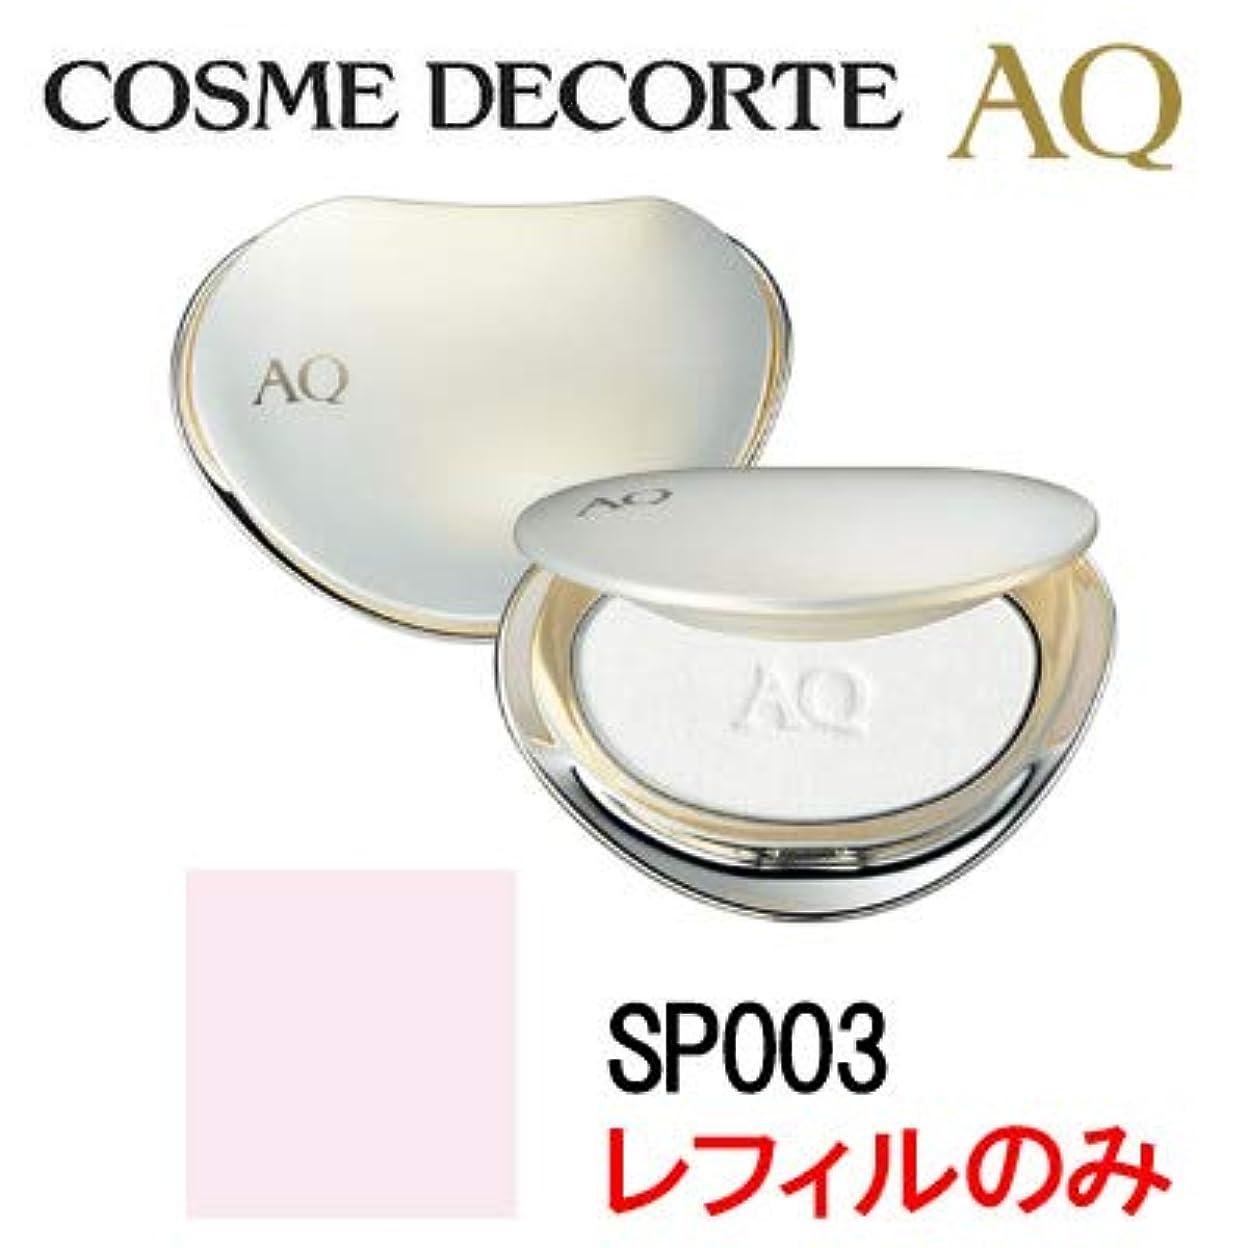 深める過度に大胆なコスメデコルテ AQ ライトフォーカス<SP003>(レフィル)